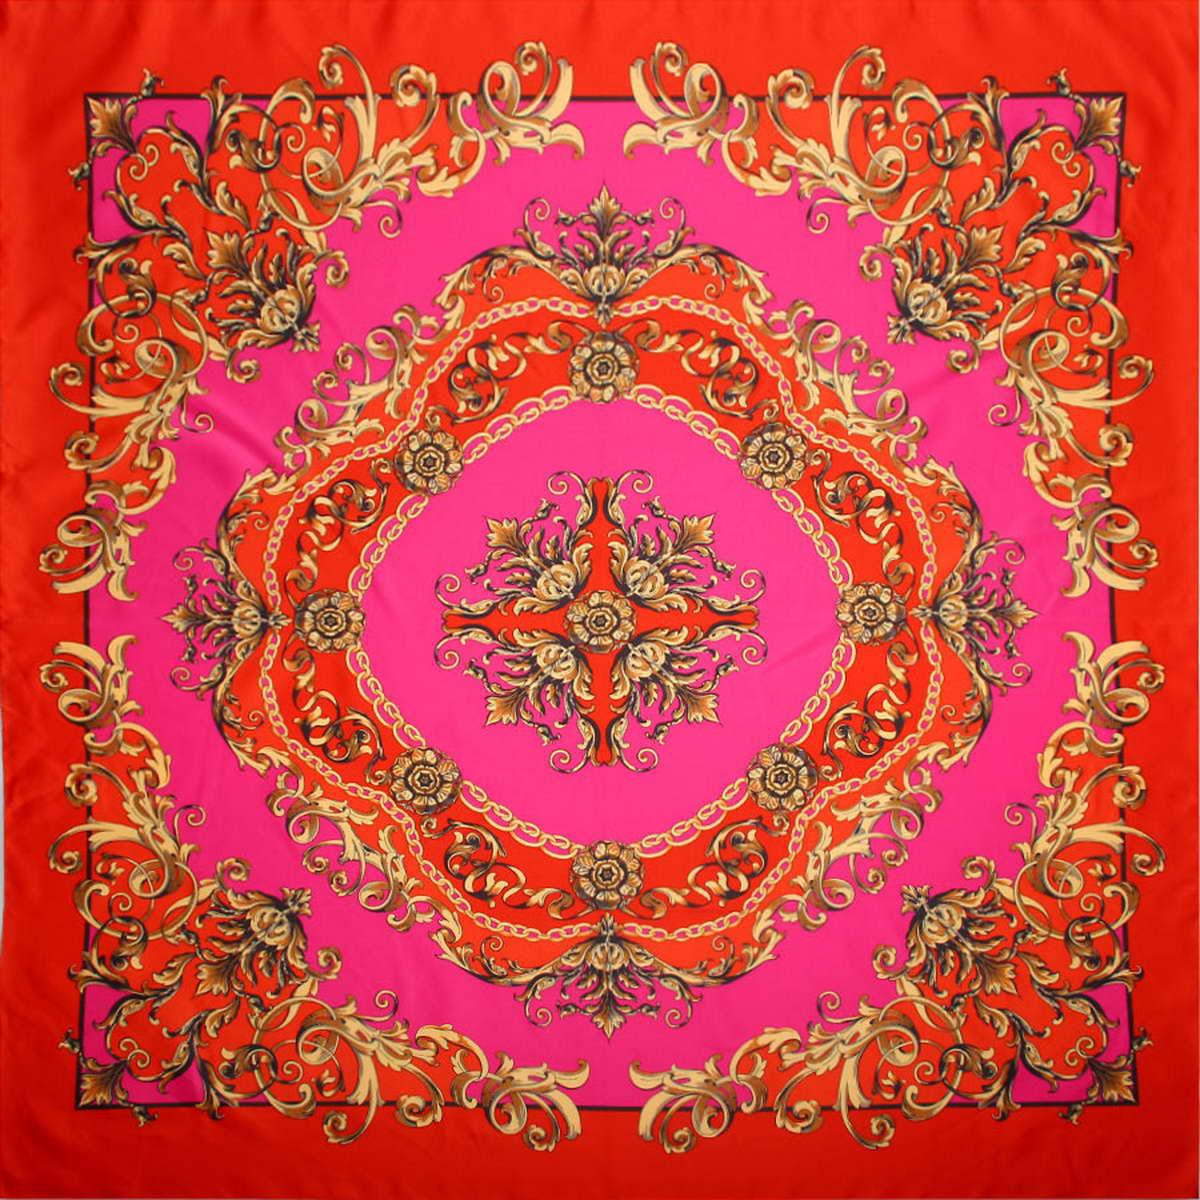 Платок женский Venera, цвет: красный, розовый. 3904472-2. Размер 90 см х 90 см3904472-2Стильный женский платок Venera изготовлен из качественного и легкого полиэстера, будет самым универсальным вариантом для повседневного аксессуара.Великолепный насыщенный цвет и оригинальный принт, напоминающий узор аристократичного стиля, будут придавать любому вашему наряду изысканности, подчеркивать женственность и стильность.Классическая квадратная форма позволяет носить платок на шее, украшать им прическу или декорировать сумочку.Такой платок превосходно дополнит любой наряд и подчеркнет ваш неповторимый вкус и элегантность.